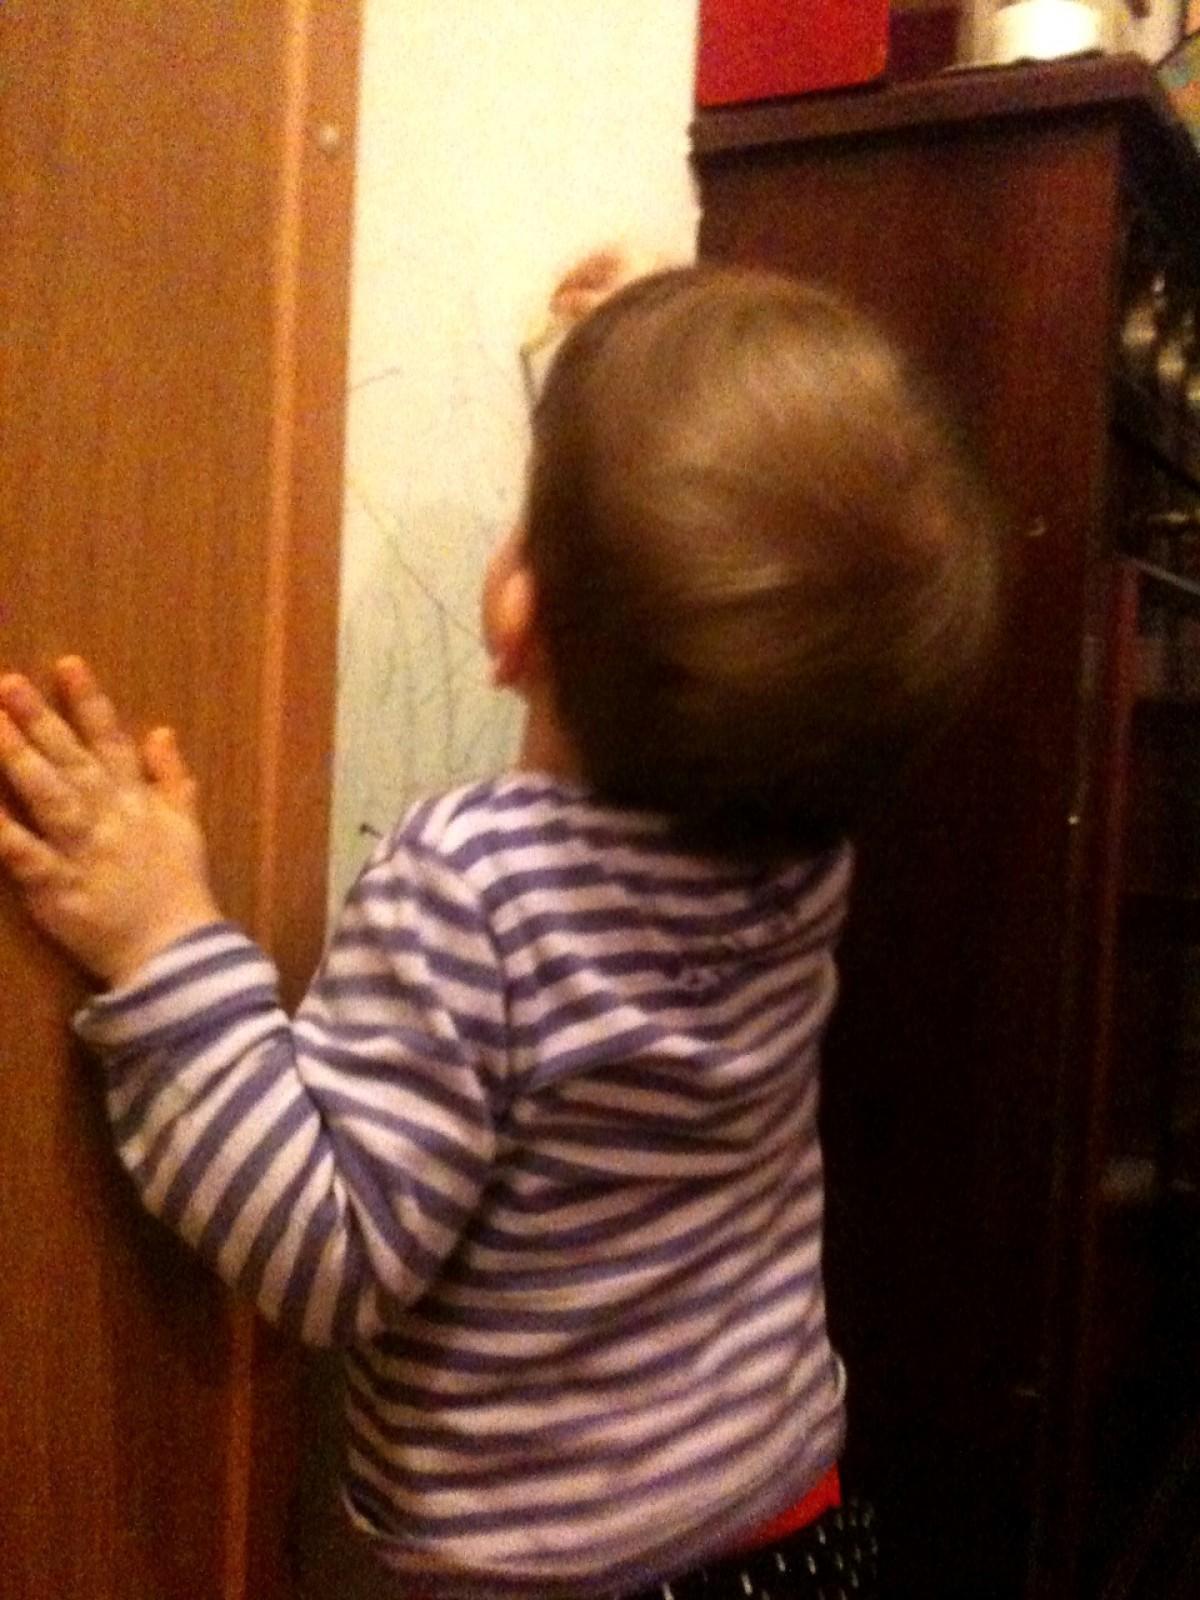 Το παιδί ζωγραφίζει στους τοίχους (του σαλονιού)